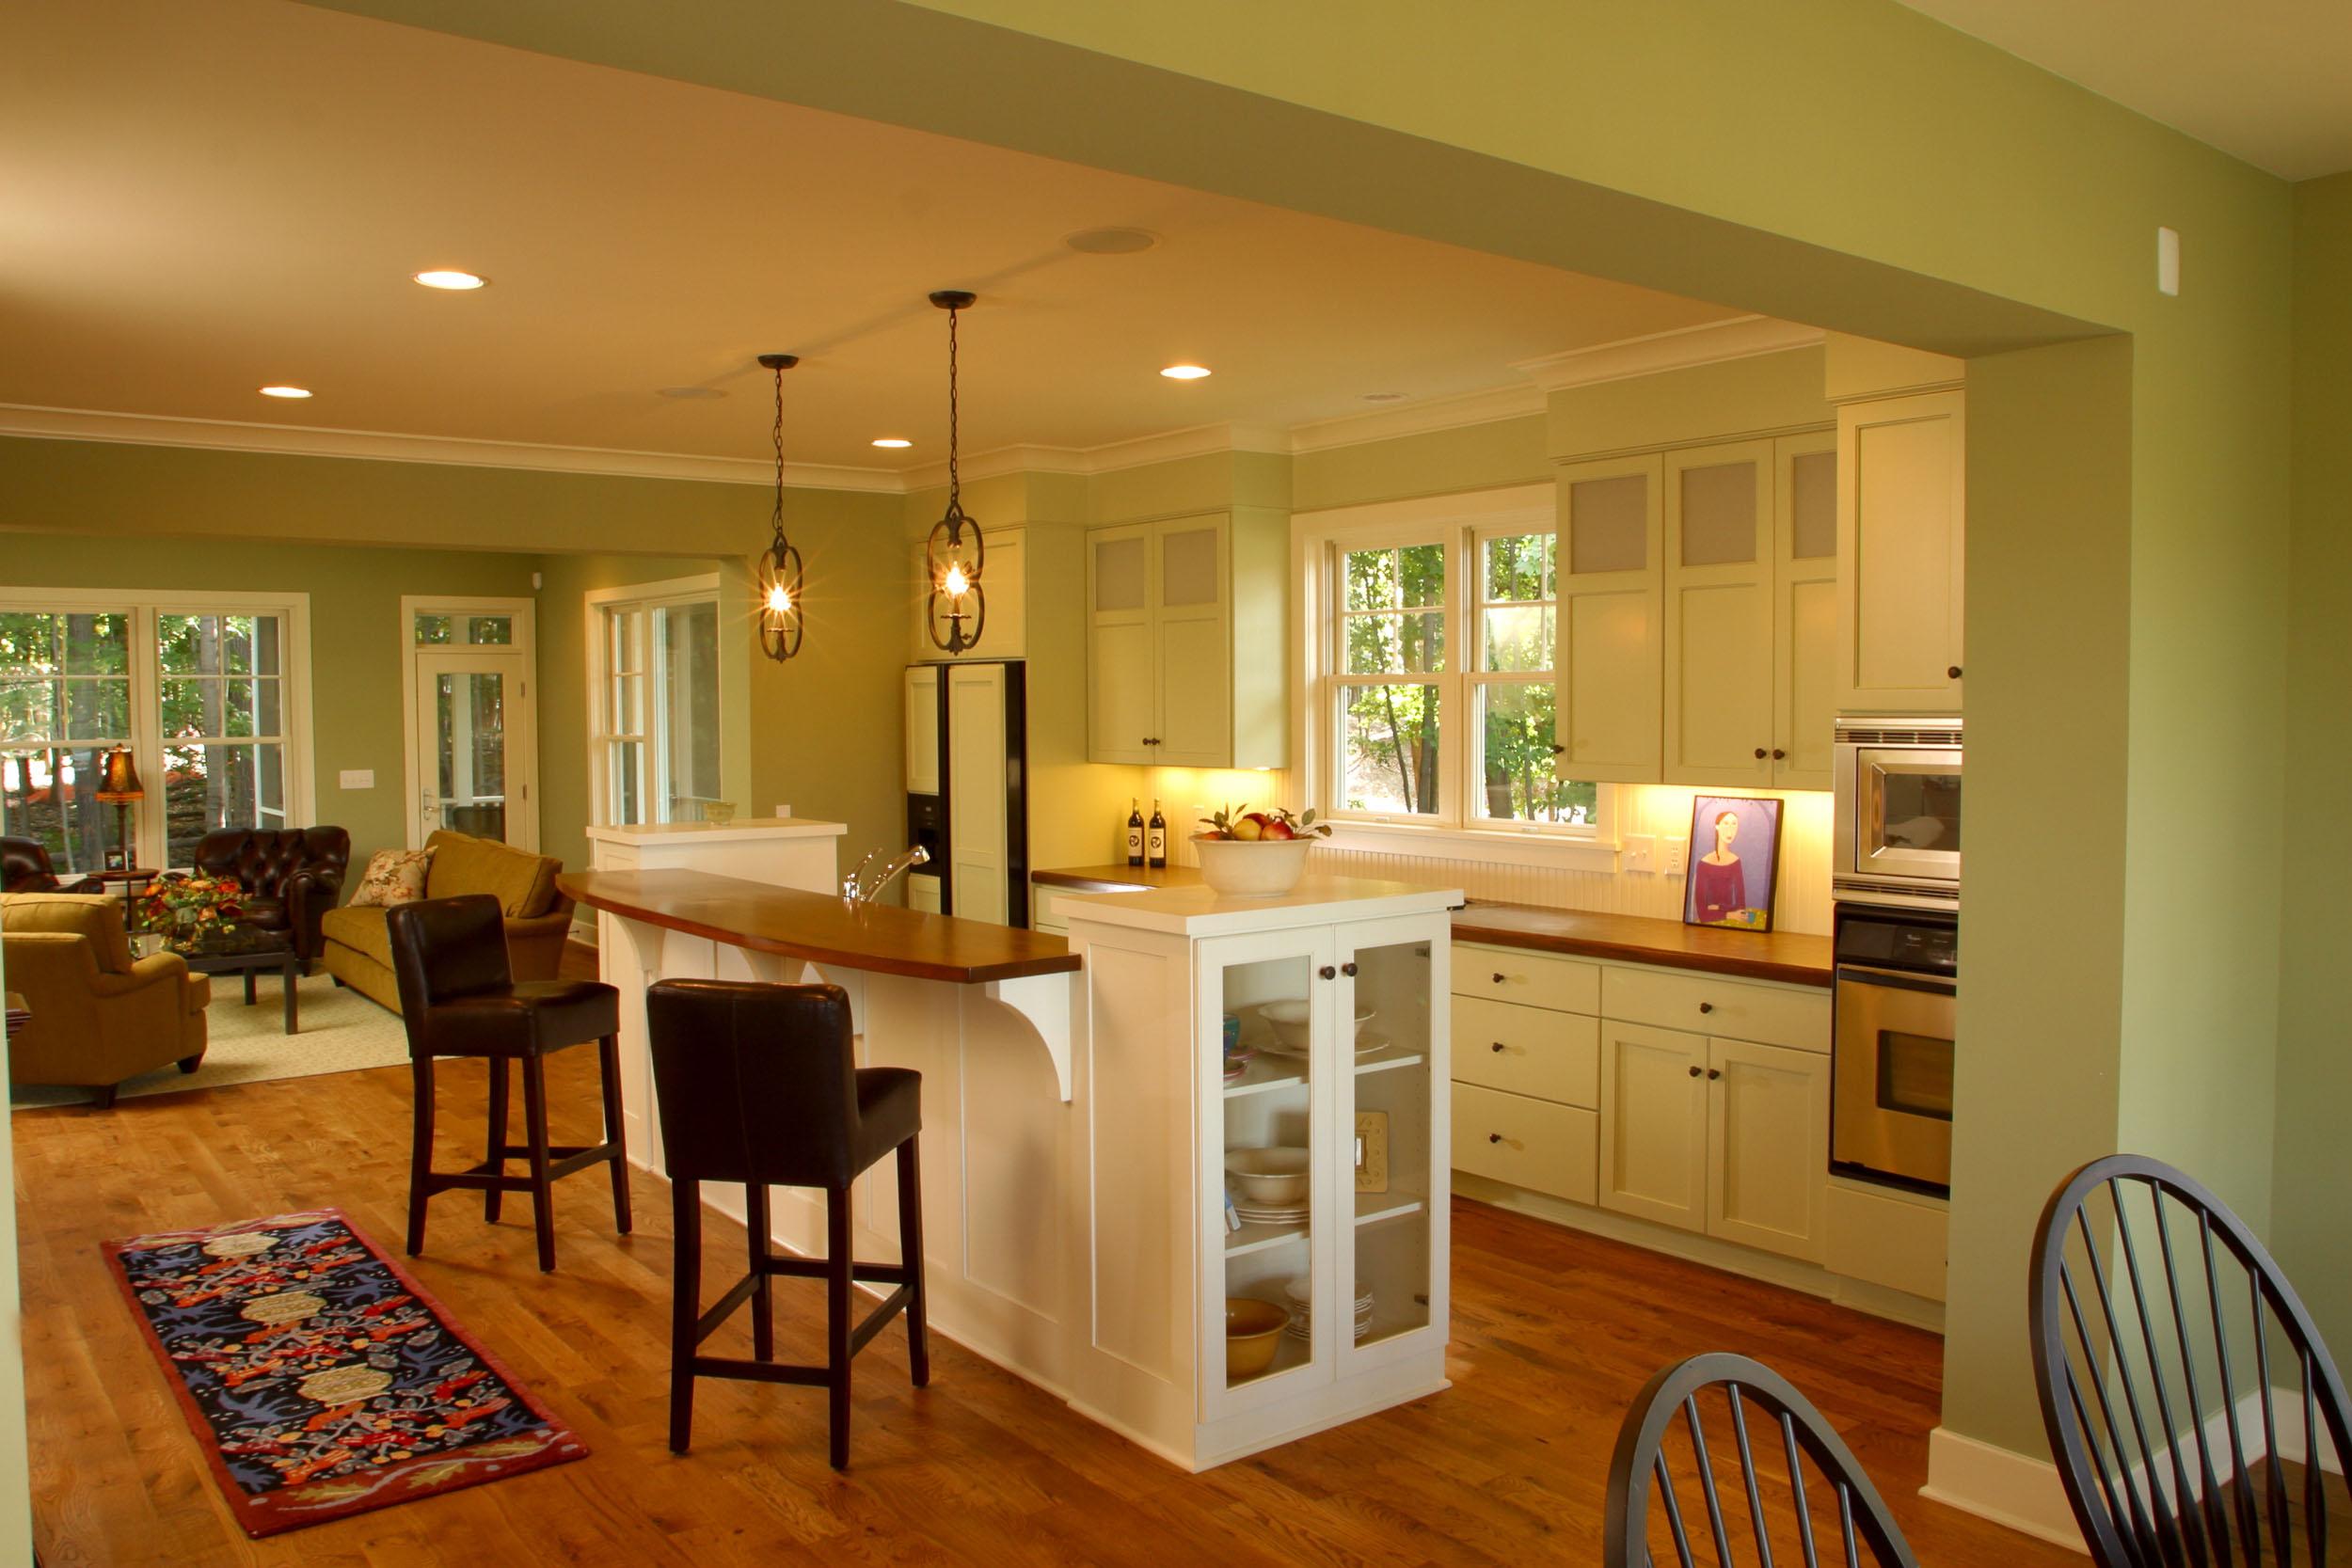 Modern Cottage Kitchen Image